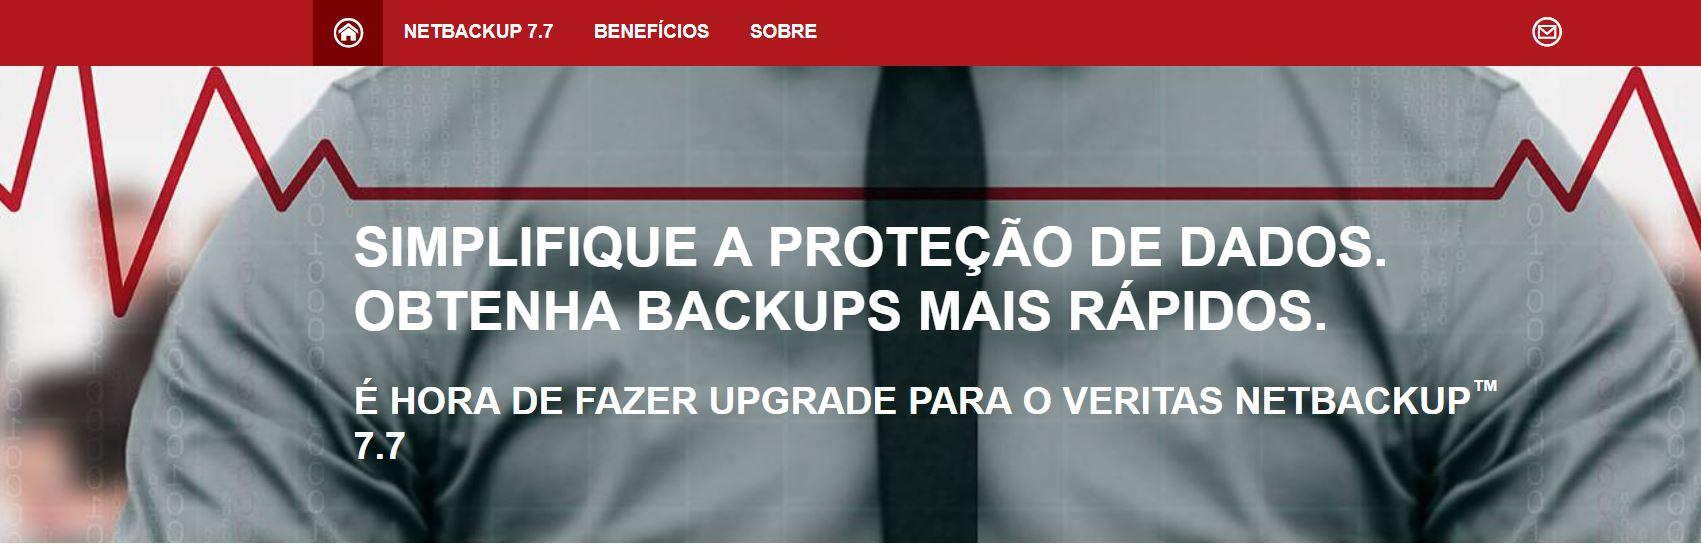 Simplifique a proteção de Dados de Backup